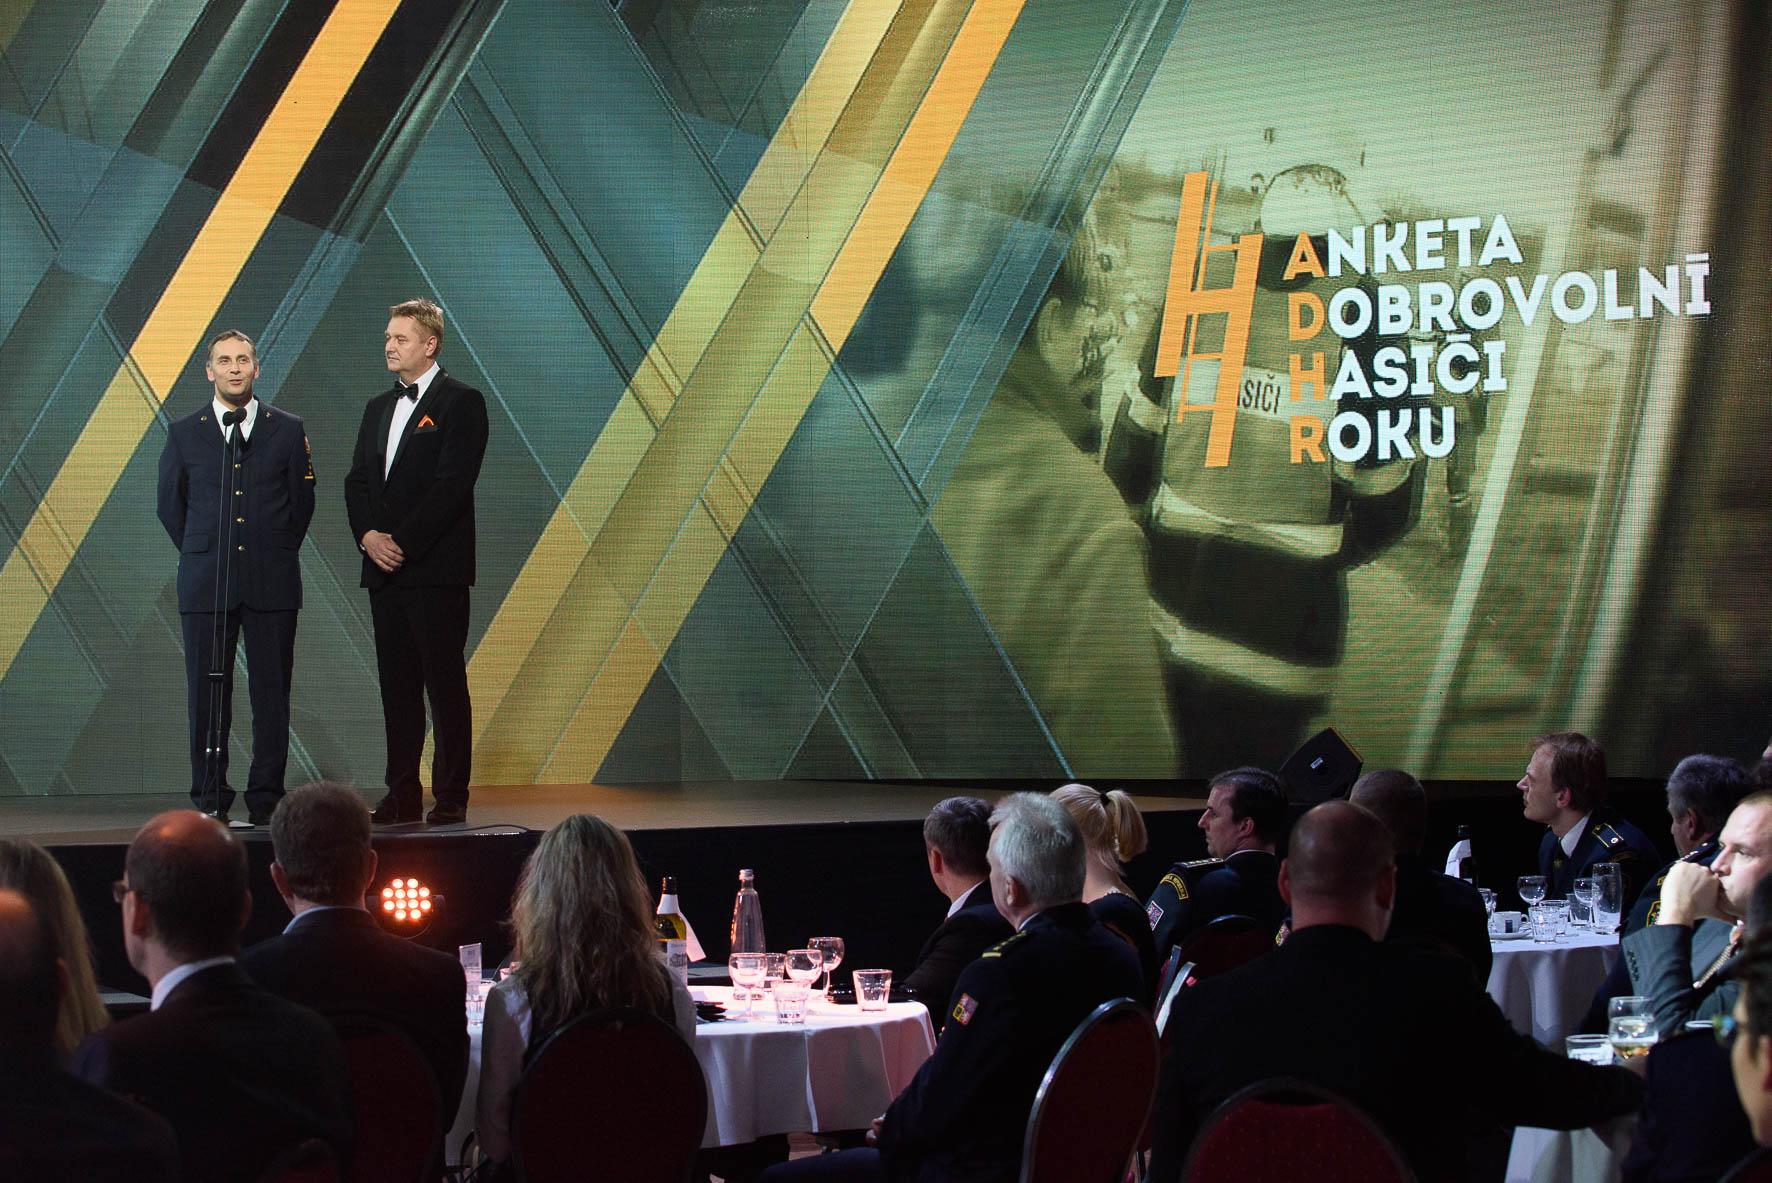 anketa-dobrovolni-hasici-roku-2015-vyhlaseni-vysledku-slovo-organizatoru